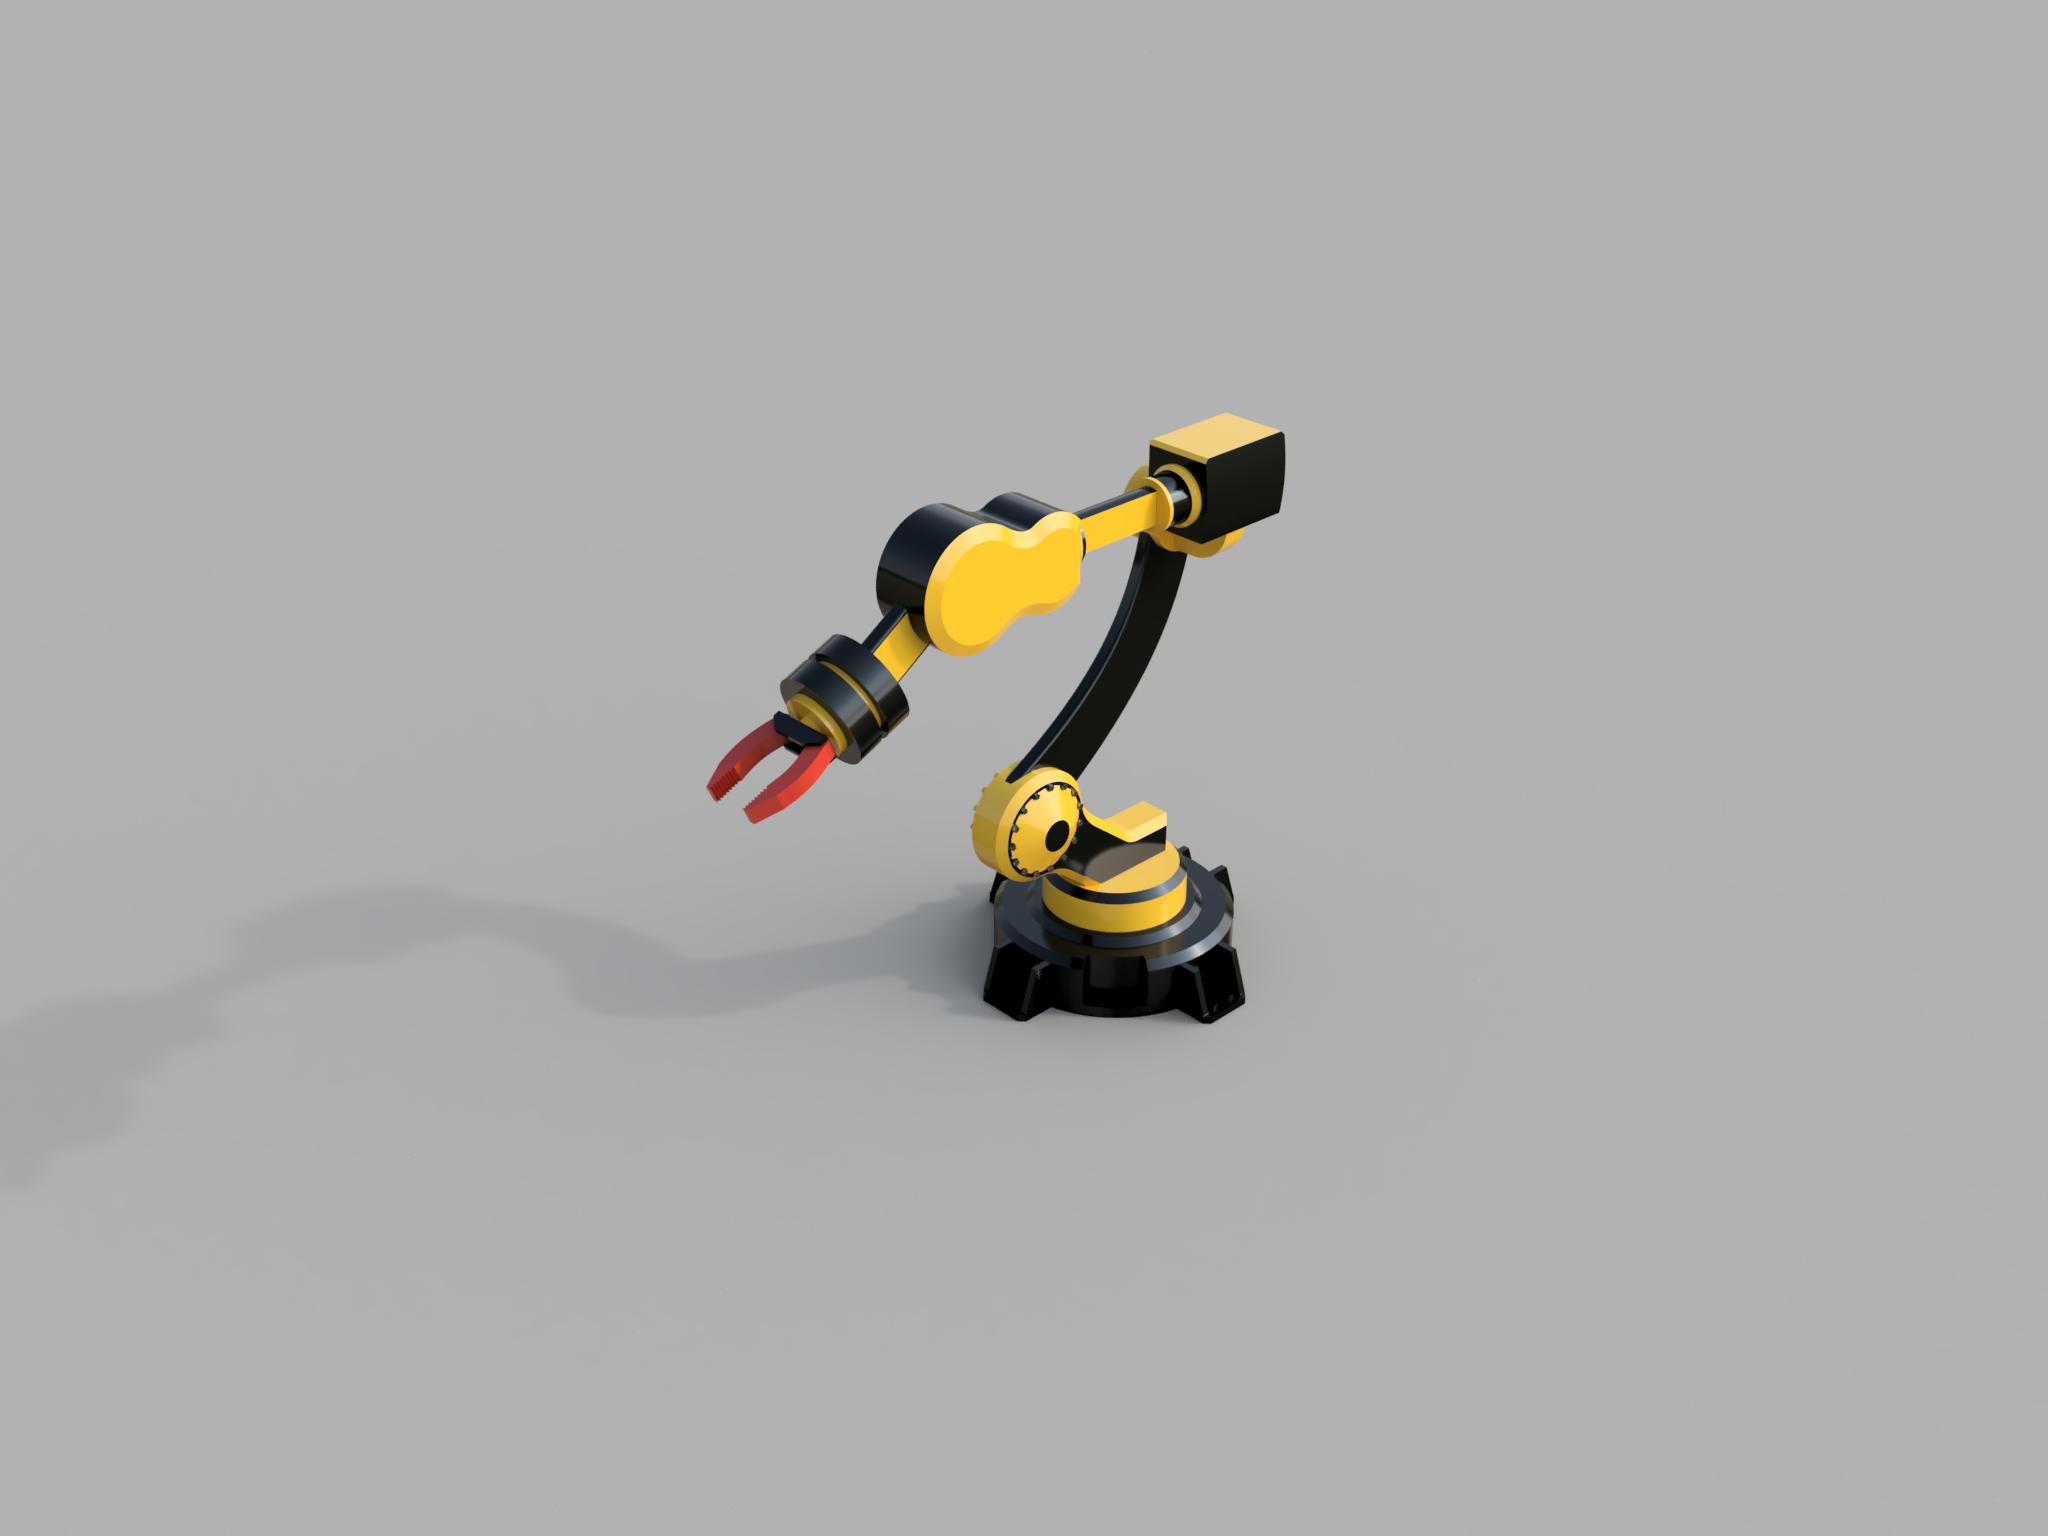 简易6轴机器人造型3D图纸 Fusion 360设计